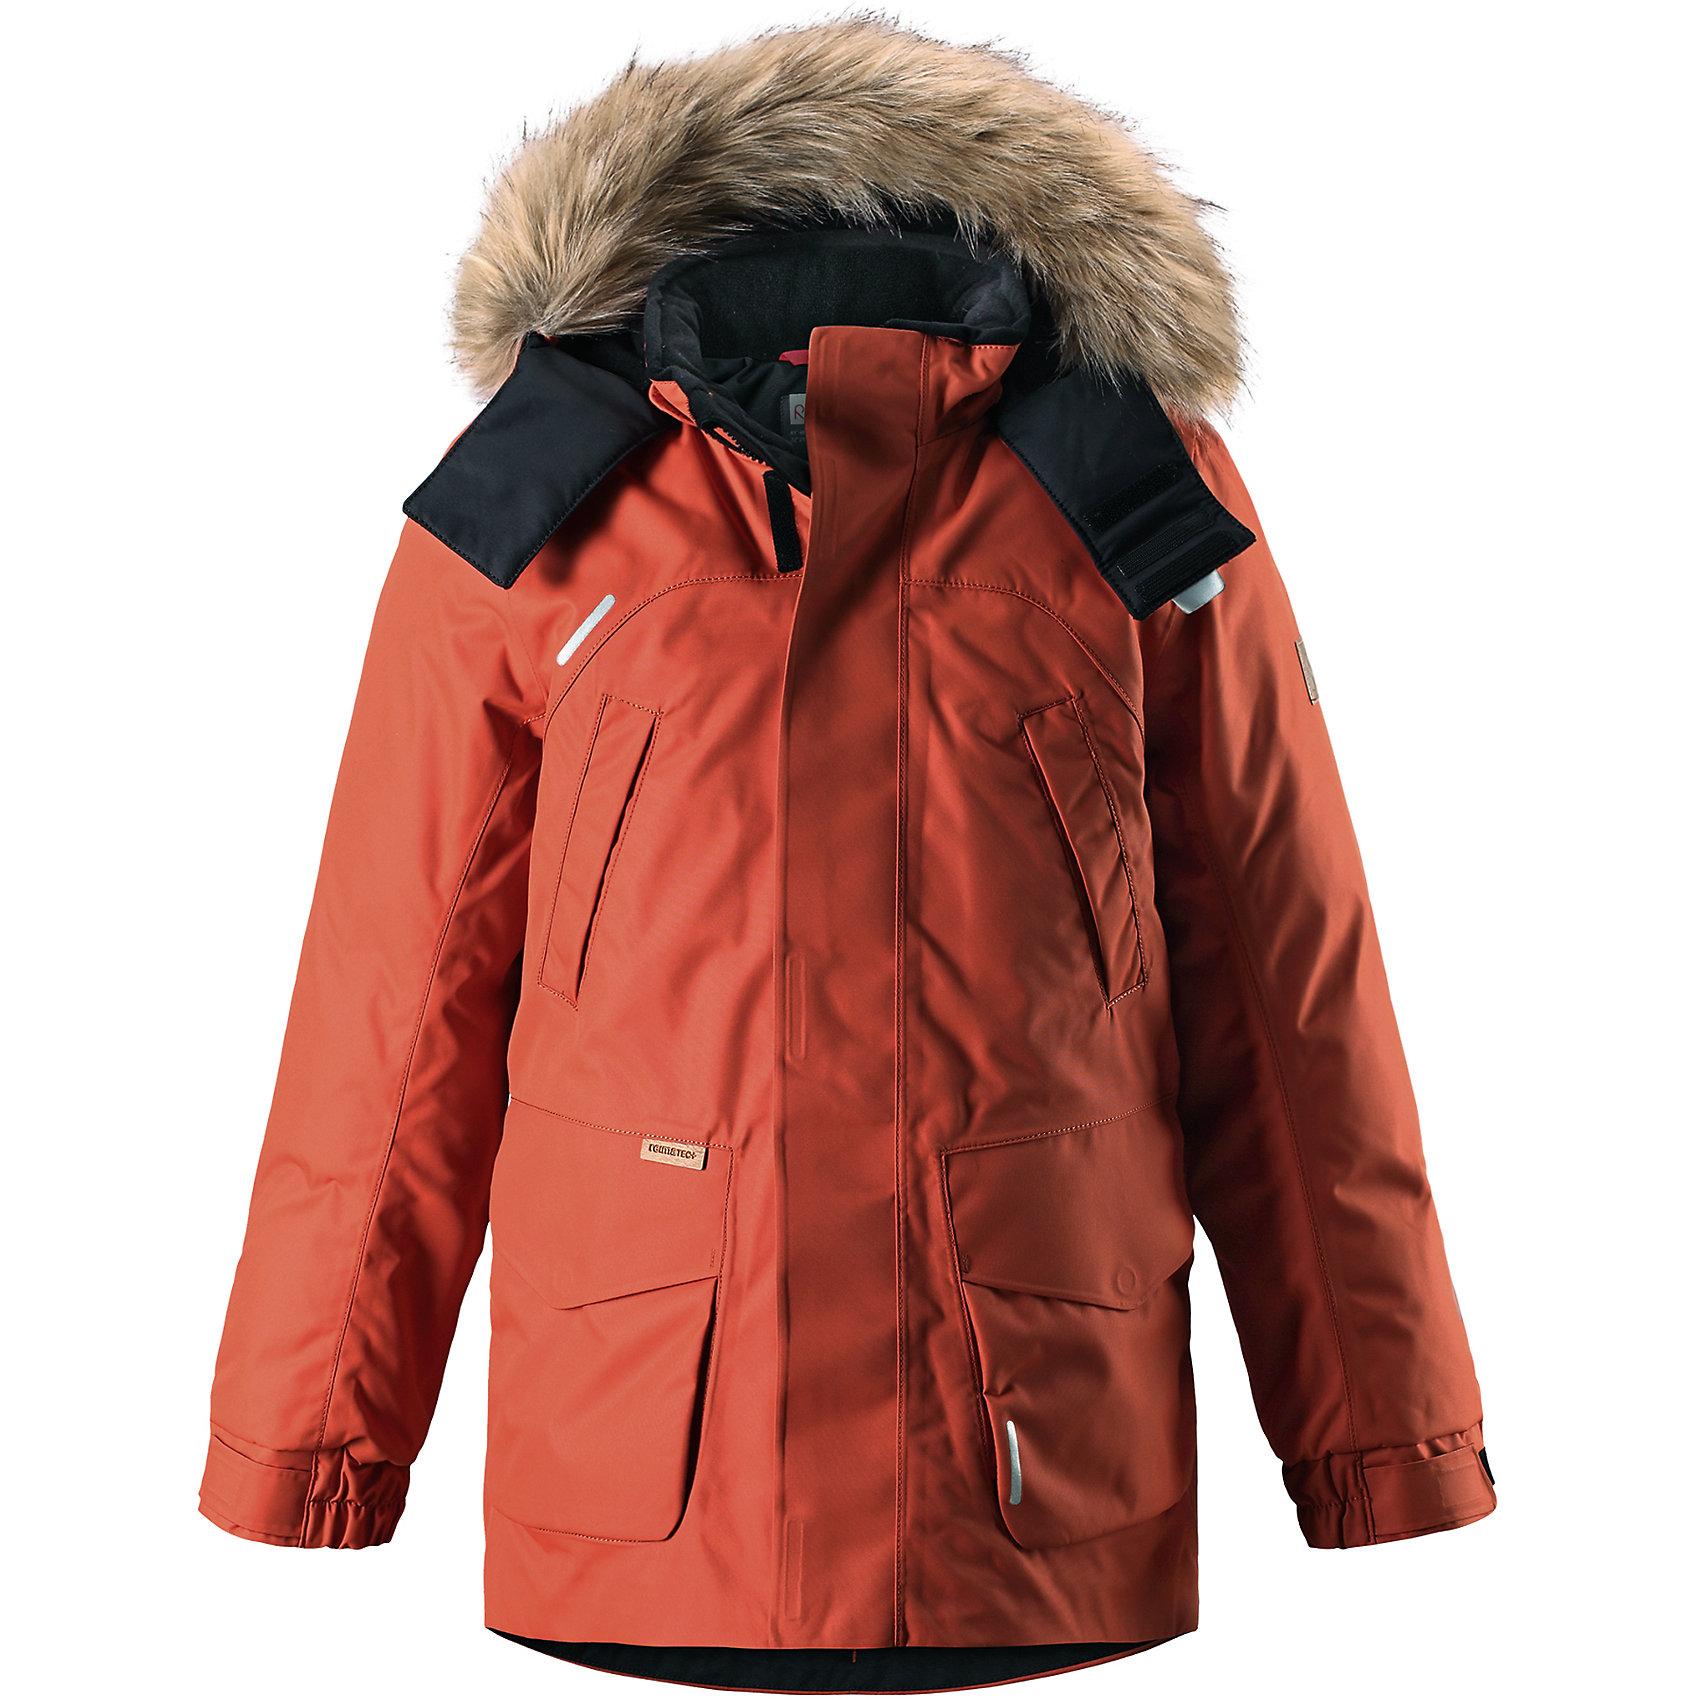 Куртка Reimatec®+ Reima SerkkuВерхняя одежда<br>Характеристики товара:<br><br>• цвет: оранжевый;<br>• состав: 100% полиэстер;<br>• подкладка: 100% полиэстер;<br>• утеплитель: 60% пух, 40% перо;<br>• сезон: зима;<br>• температурный режим: от 0 до -20С;<br>• водонепроницаемость: 15000 мм;<br>• воздухопроницаемость: 7000 мм;<br>• износостойкость: 40000 циклов (тест Мартиндейла);<br>• водо- и ветронепроницаемый, дышащий и грязеотталкивающий материал;<br>• все швы проклеены и водонепроницаемы;<br>• застежка: молния с дополнительной планкой;<br>• гладкая подкладка из полиэстера;<br>• безопасный съемный капюшон;<br>• съемный искусственный мех на капюшоне;<br>• регулируемые манжеты и подол;<br>• внутренняя регулировка талии;<br>• удлиненный подол сзади;<br>• два прорезных кармана;<br>• нагрудные карманы;<br>• внутренний нагрудный карман;<br>• петля для дополнительных светоотражающих деталей;<br>• светоотражающие детали;<br>• страна бренда: Финляндия;<br>• страна изготовитель: Китай.<br><br>Теплая детская куртка-пуховик сшита из ветронепроницаемого и дышащего материала, который, к тому же, абсолютно водонепроницаемый! Все швы в этой стильной куртке проклеены и водонепроницаемы, что гарантирует максимальный комфорт во время зимних прогулок, при любой погоде. Талия и подол этой удлиненной модели легко регулируются, что позволяет подогнать куртку точно по фигуре. <br><br>Съемный капюшон защищает от пронизывающего ветра и безопасен во время игр на свежем воздухе. Кнопки легко отстегиваются, если капюшон случайно за что-нибудь зацепится. Куртка подшита гладкой подкладкой. Модный образ дополняет капюшон с элегантной оторочкой из искусственного меха, которую при желании также можно снять. В нескольких карманах удобно хранить разные важные предметы во время прогулок.<br><br>Куртку Serkku Reimatec®+ Reima от финского бренда Reima (Рейма) можно купить в нашем интернет-магазине.<br><br>Ширина мм: 356<br>Глубина мм: 10<br>Высота мм: 245<br>Вес г: 519<br>Цвет: оранжевый<br>Возраст от мес